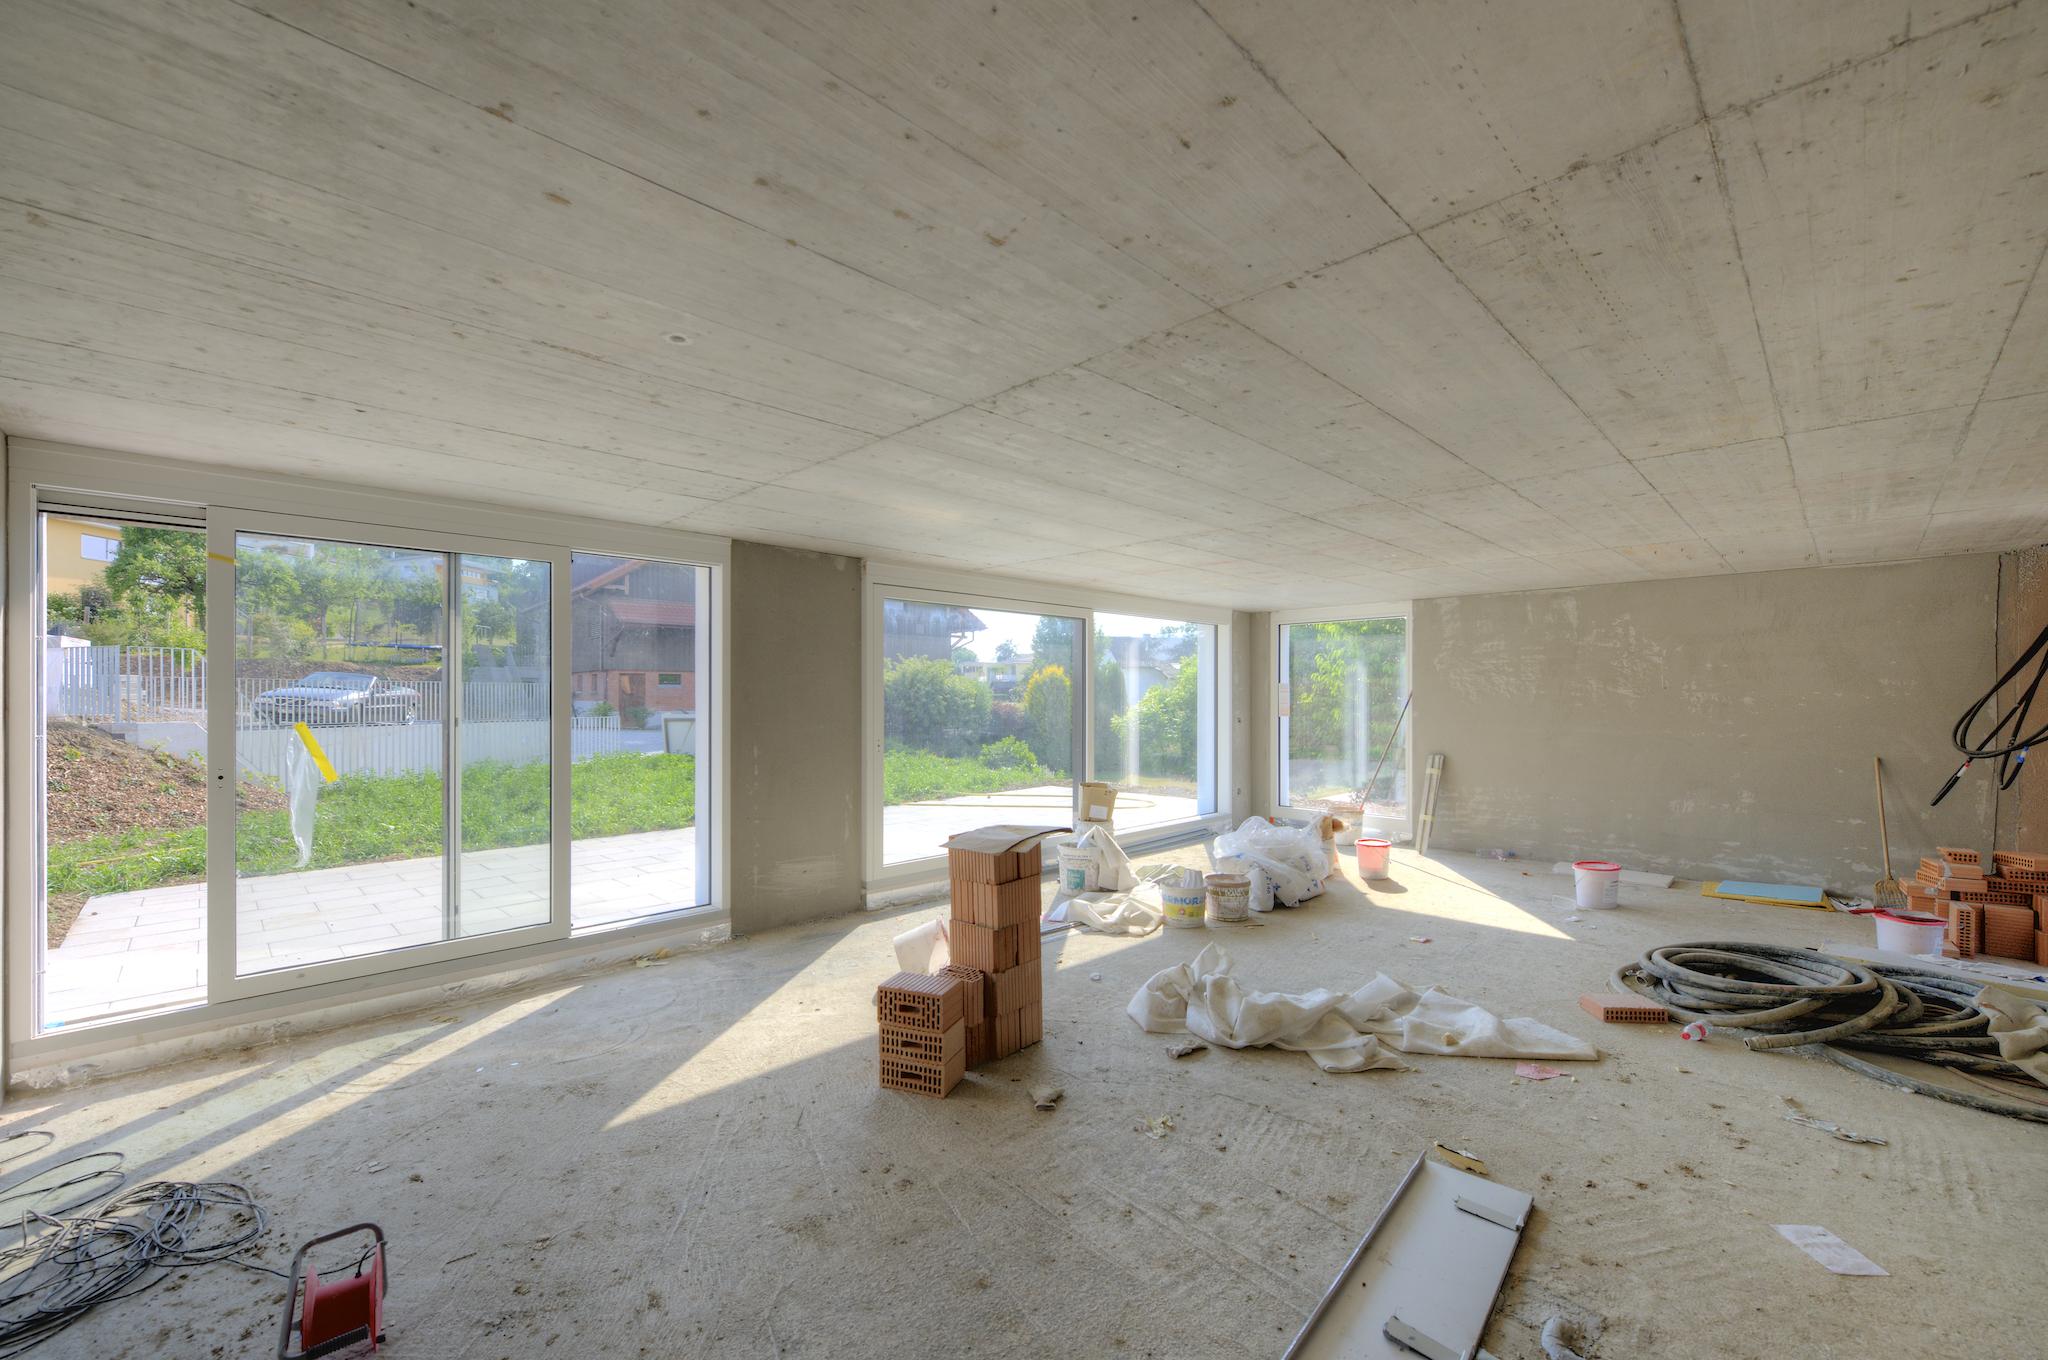 Das zukünftige Wohnzimmer